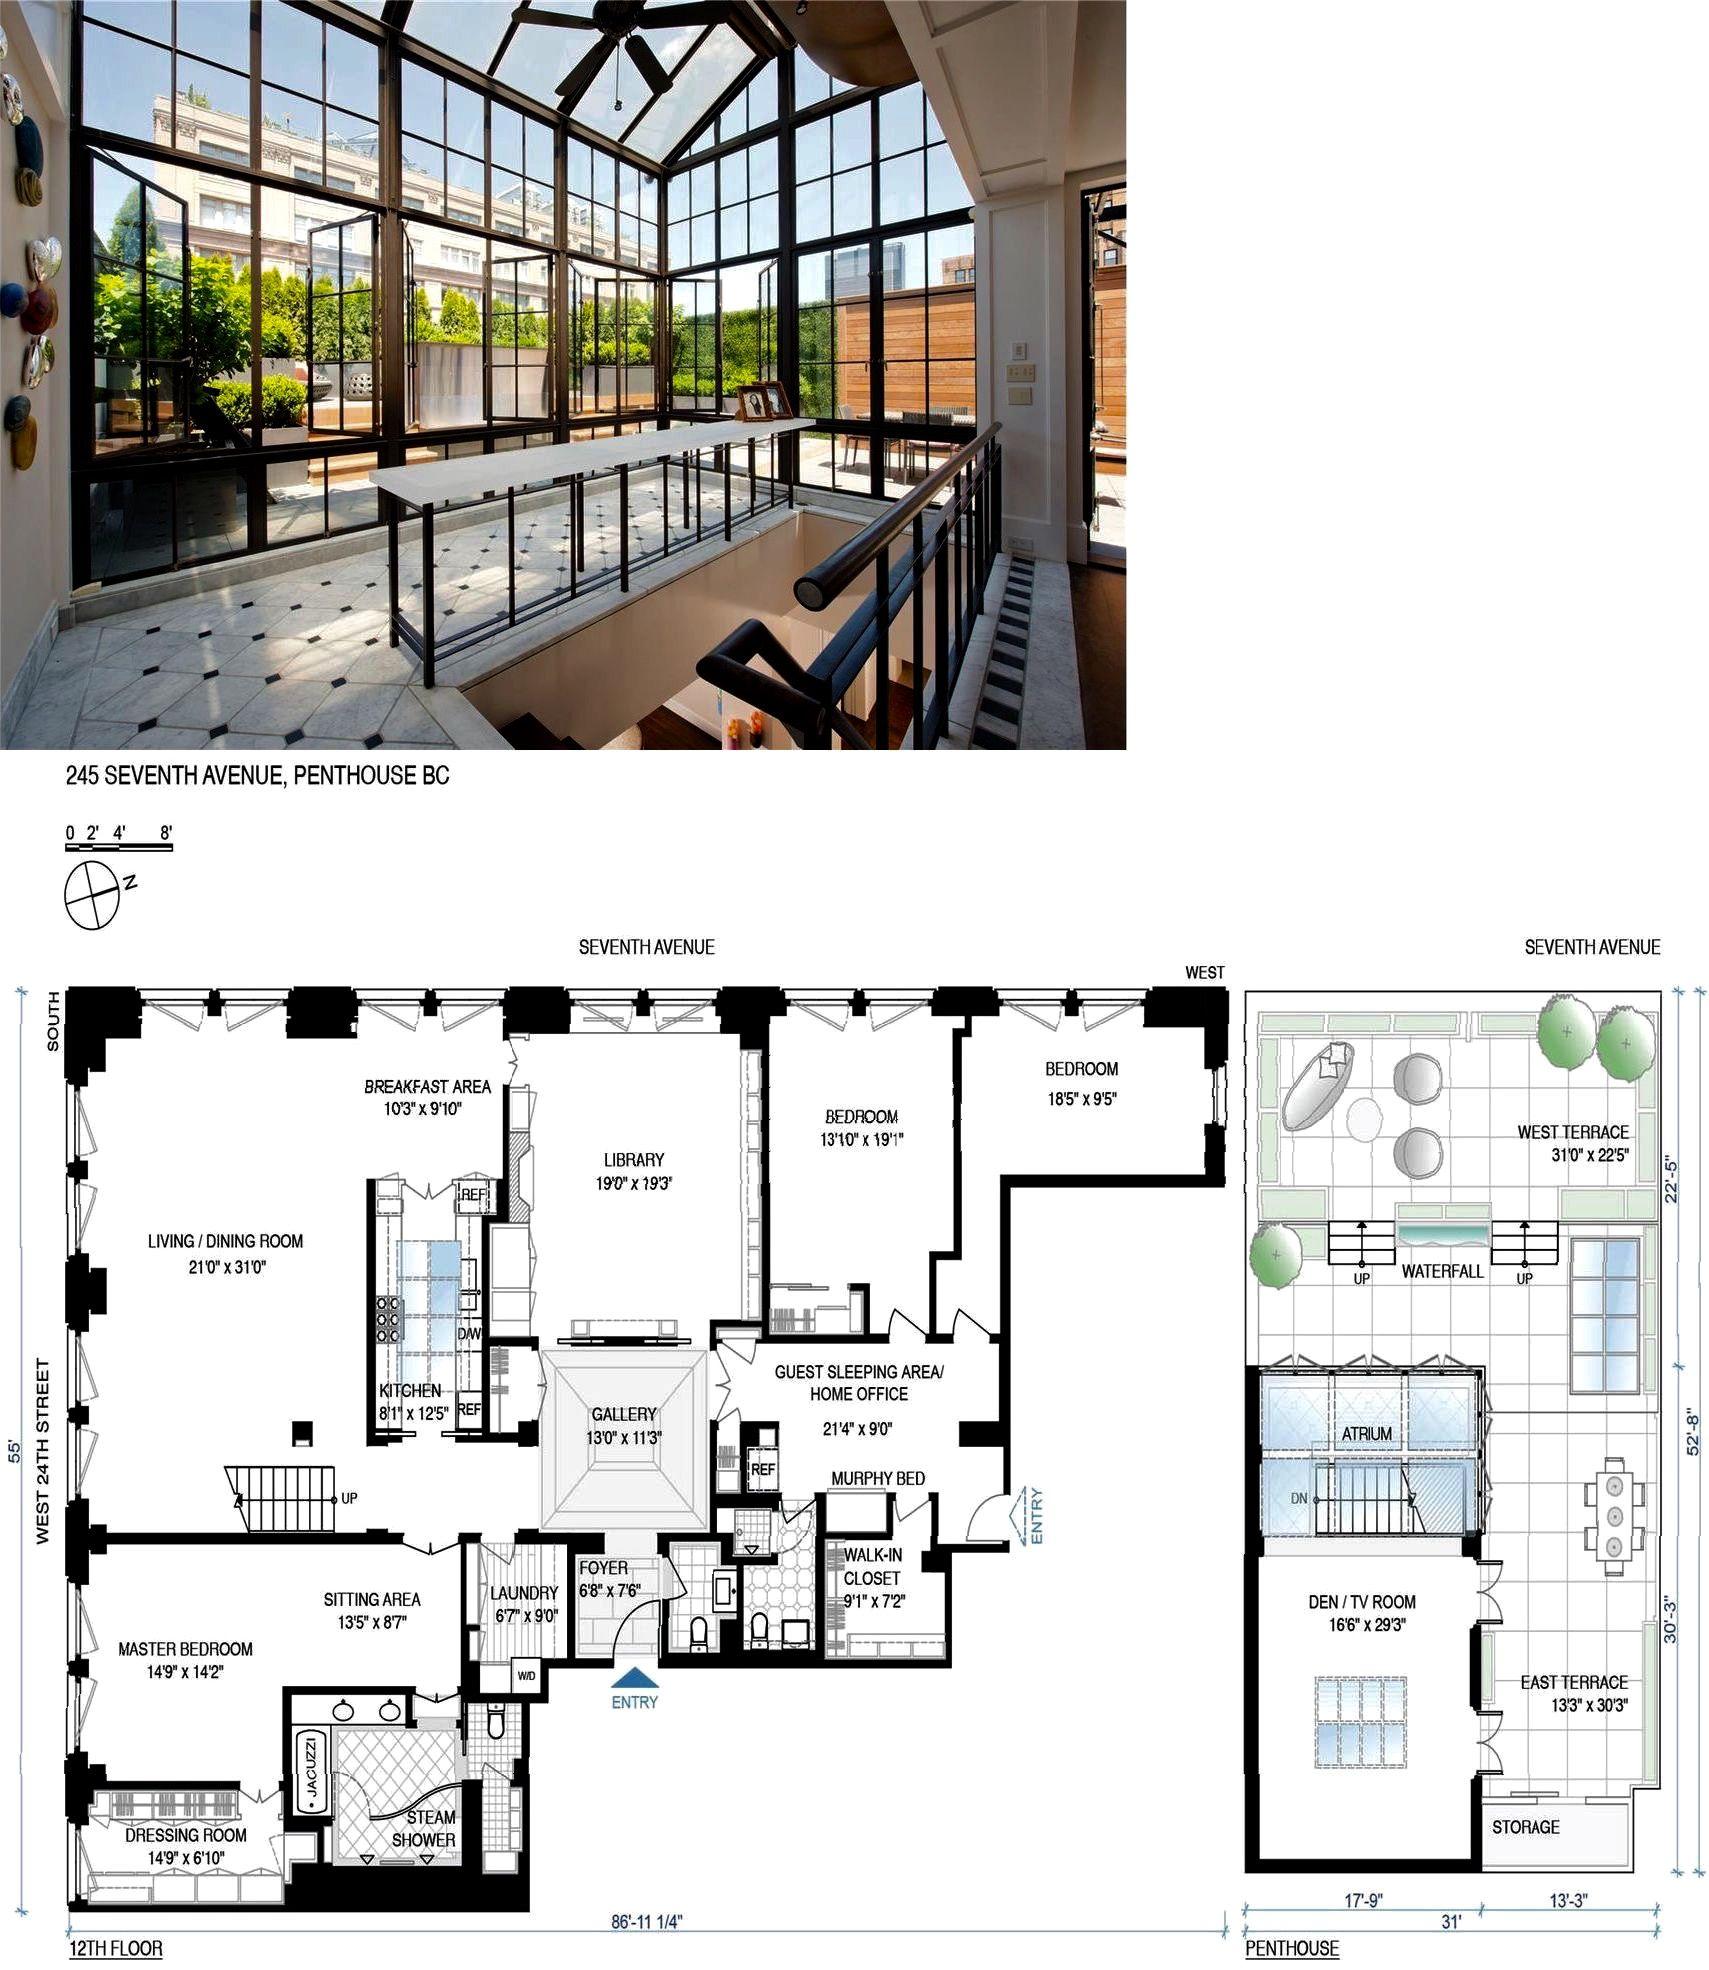 Chelsea Atelier 245 Seventh Avenue Phbc Chelsea New York Douglas Elliman Penthouse Apartment Floor Plan New York Apartment Luxury Loft Floor Plans